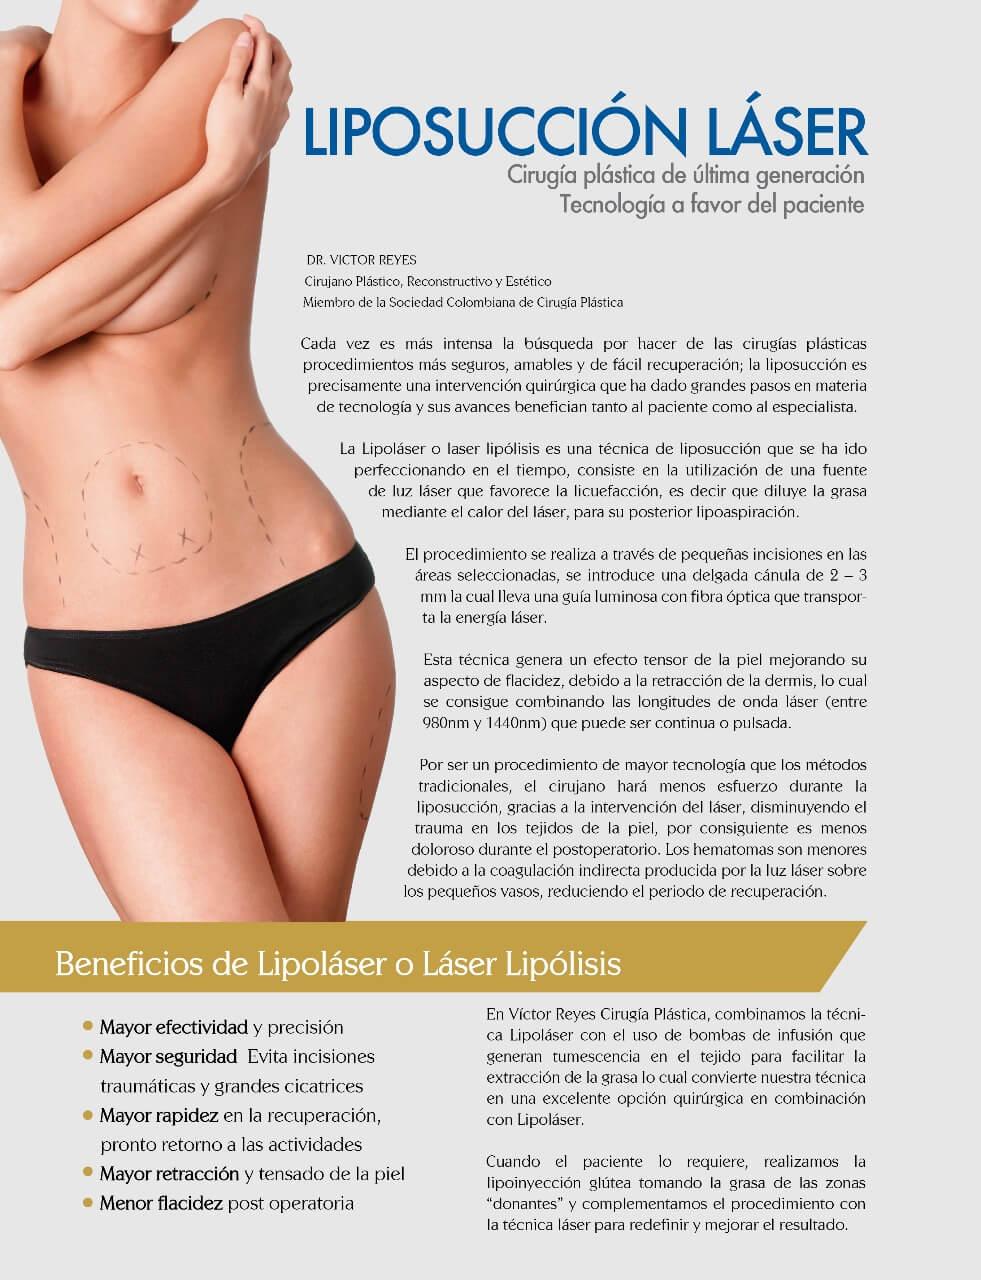 liposuccion laser